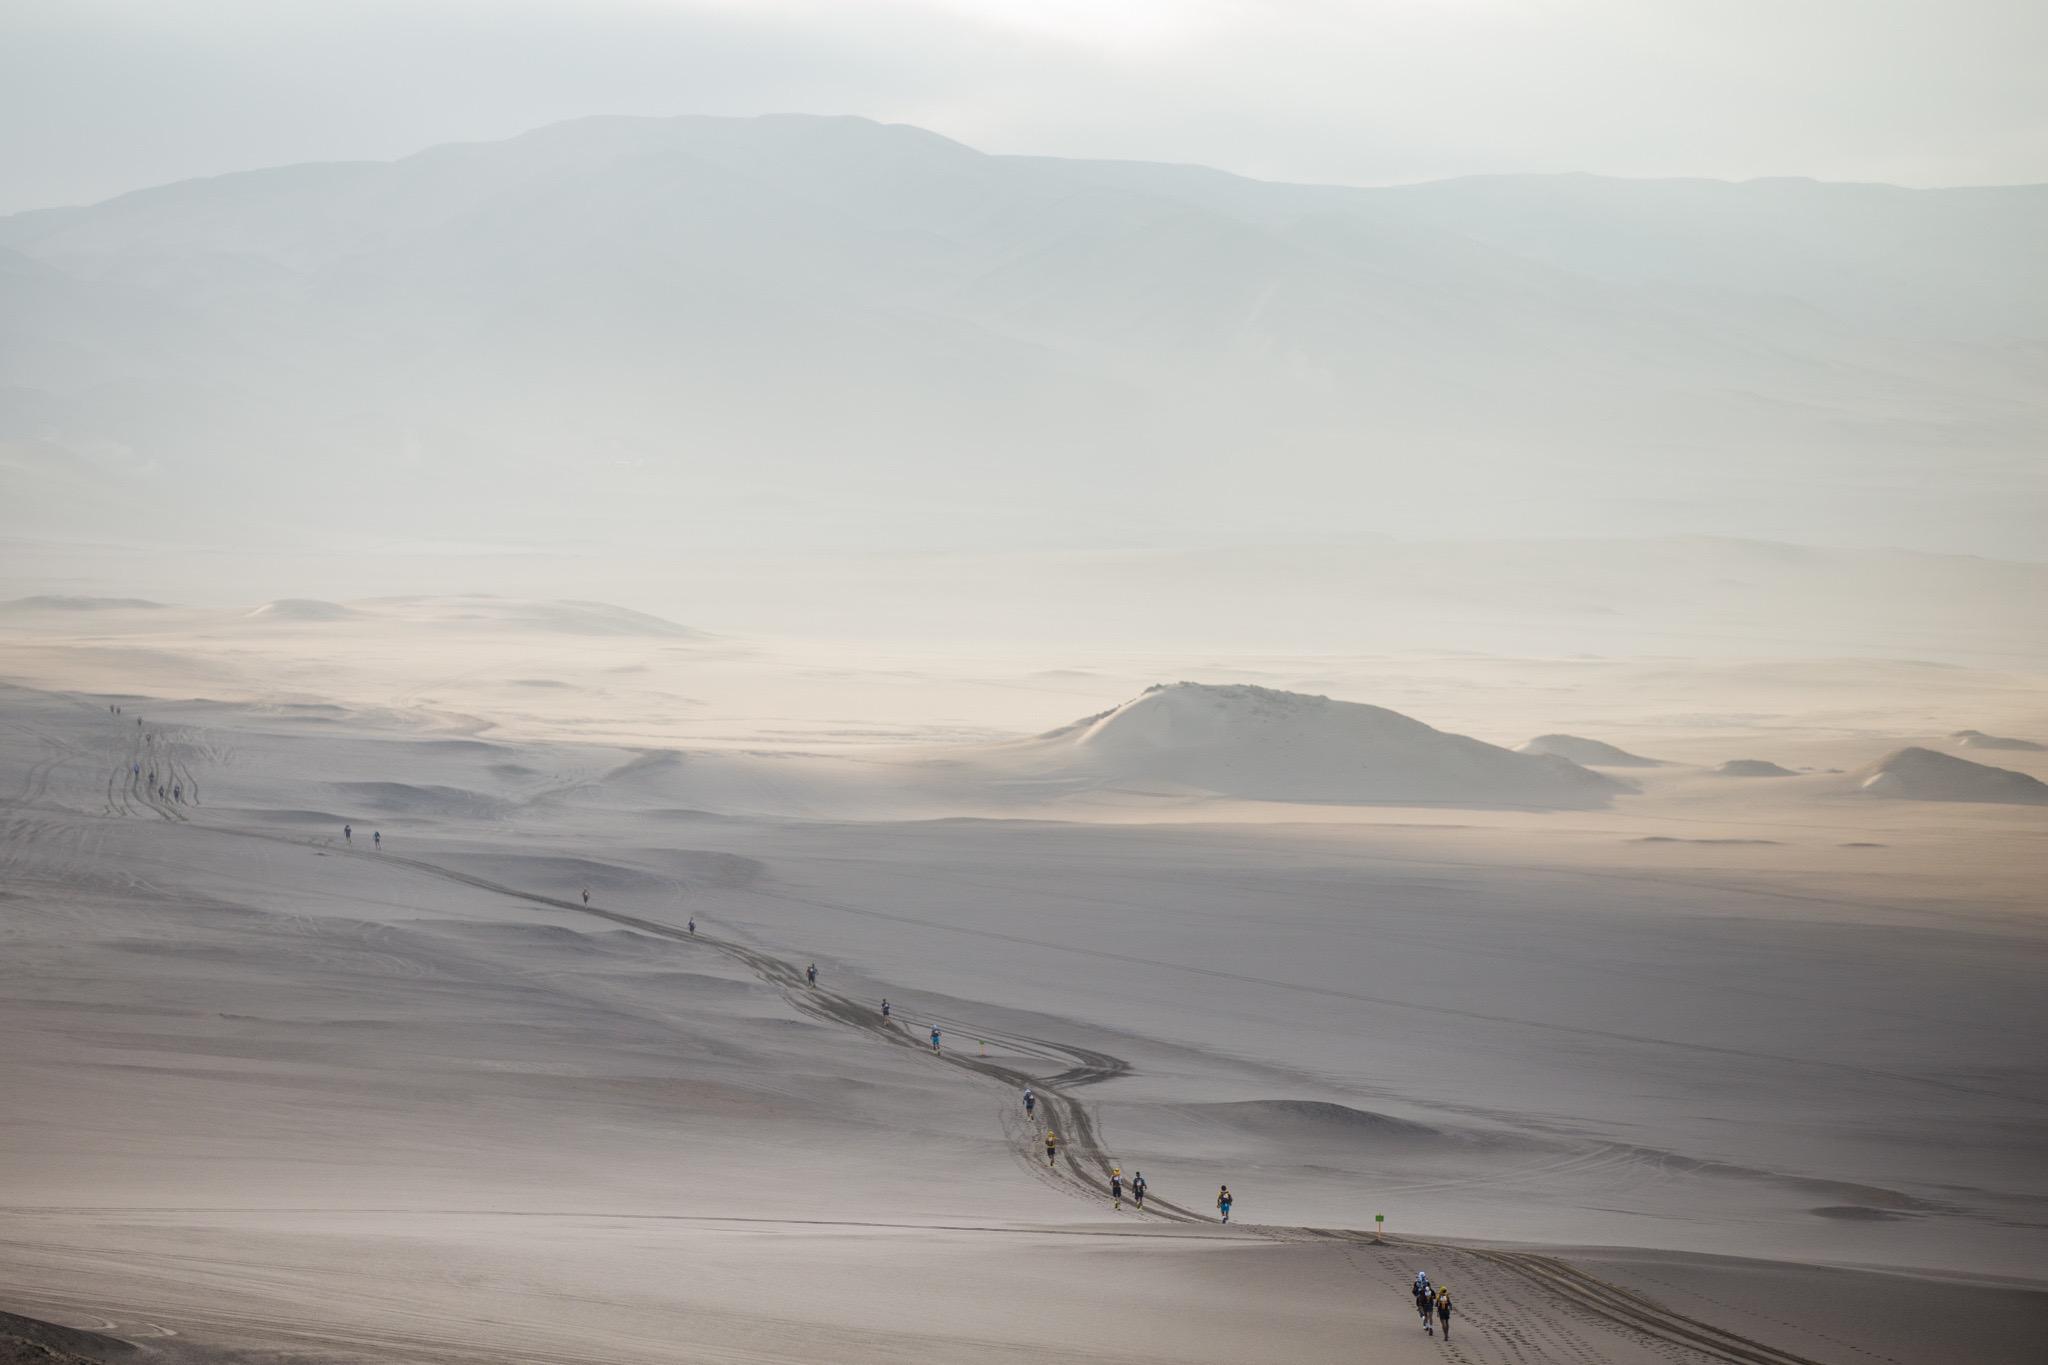 Imagen de la carrera Half MDS en el desierto de Ica, Perú